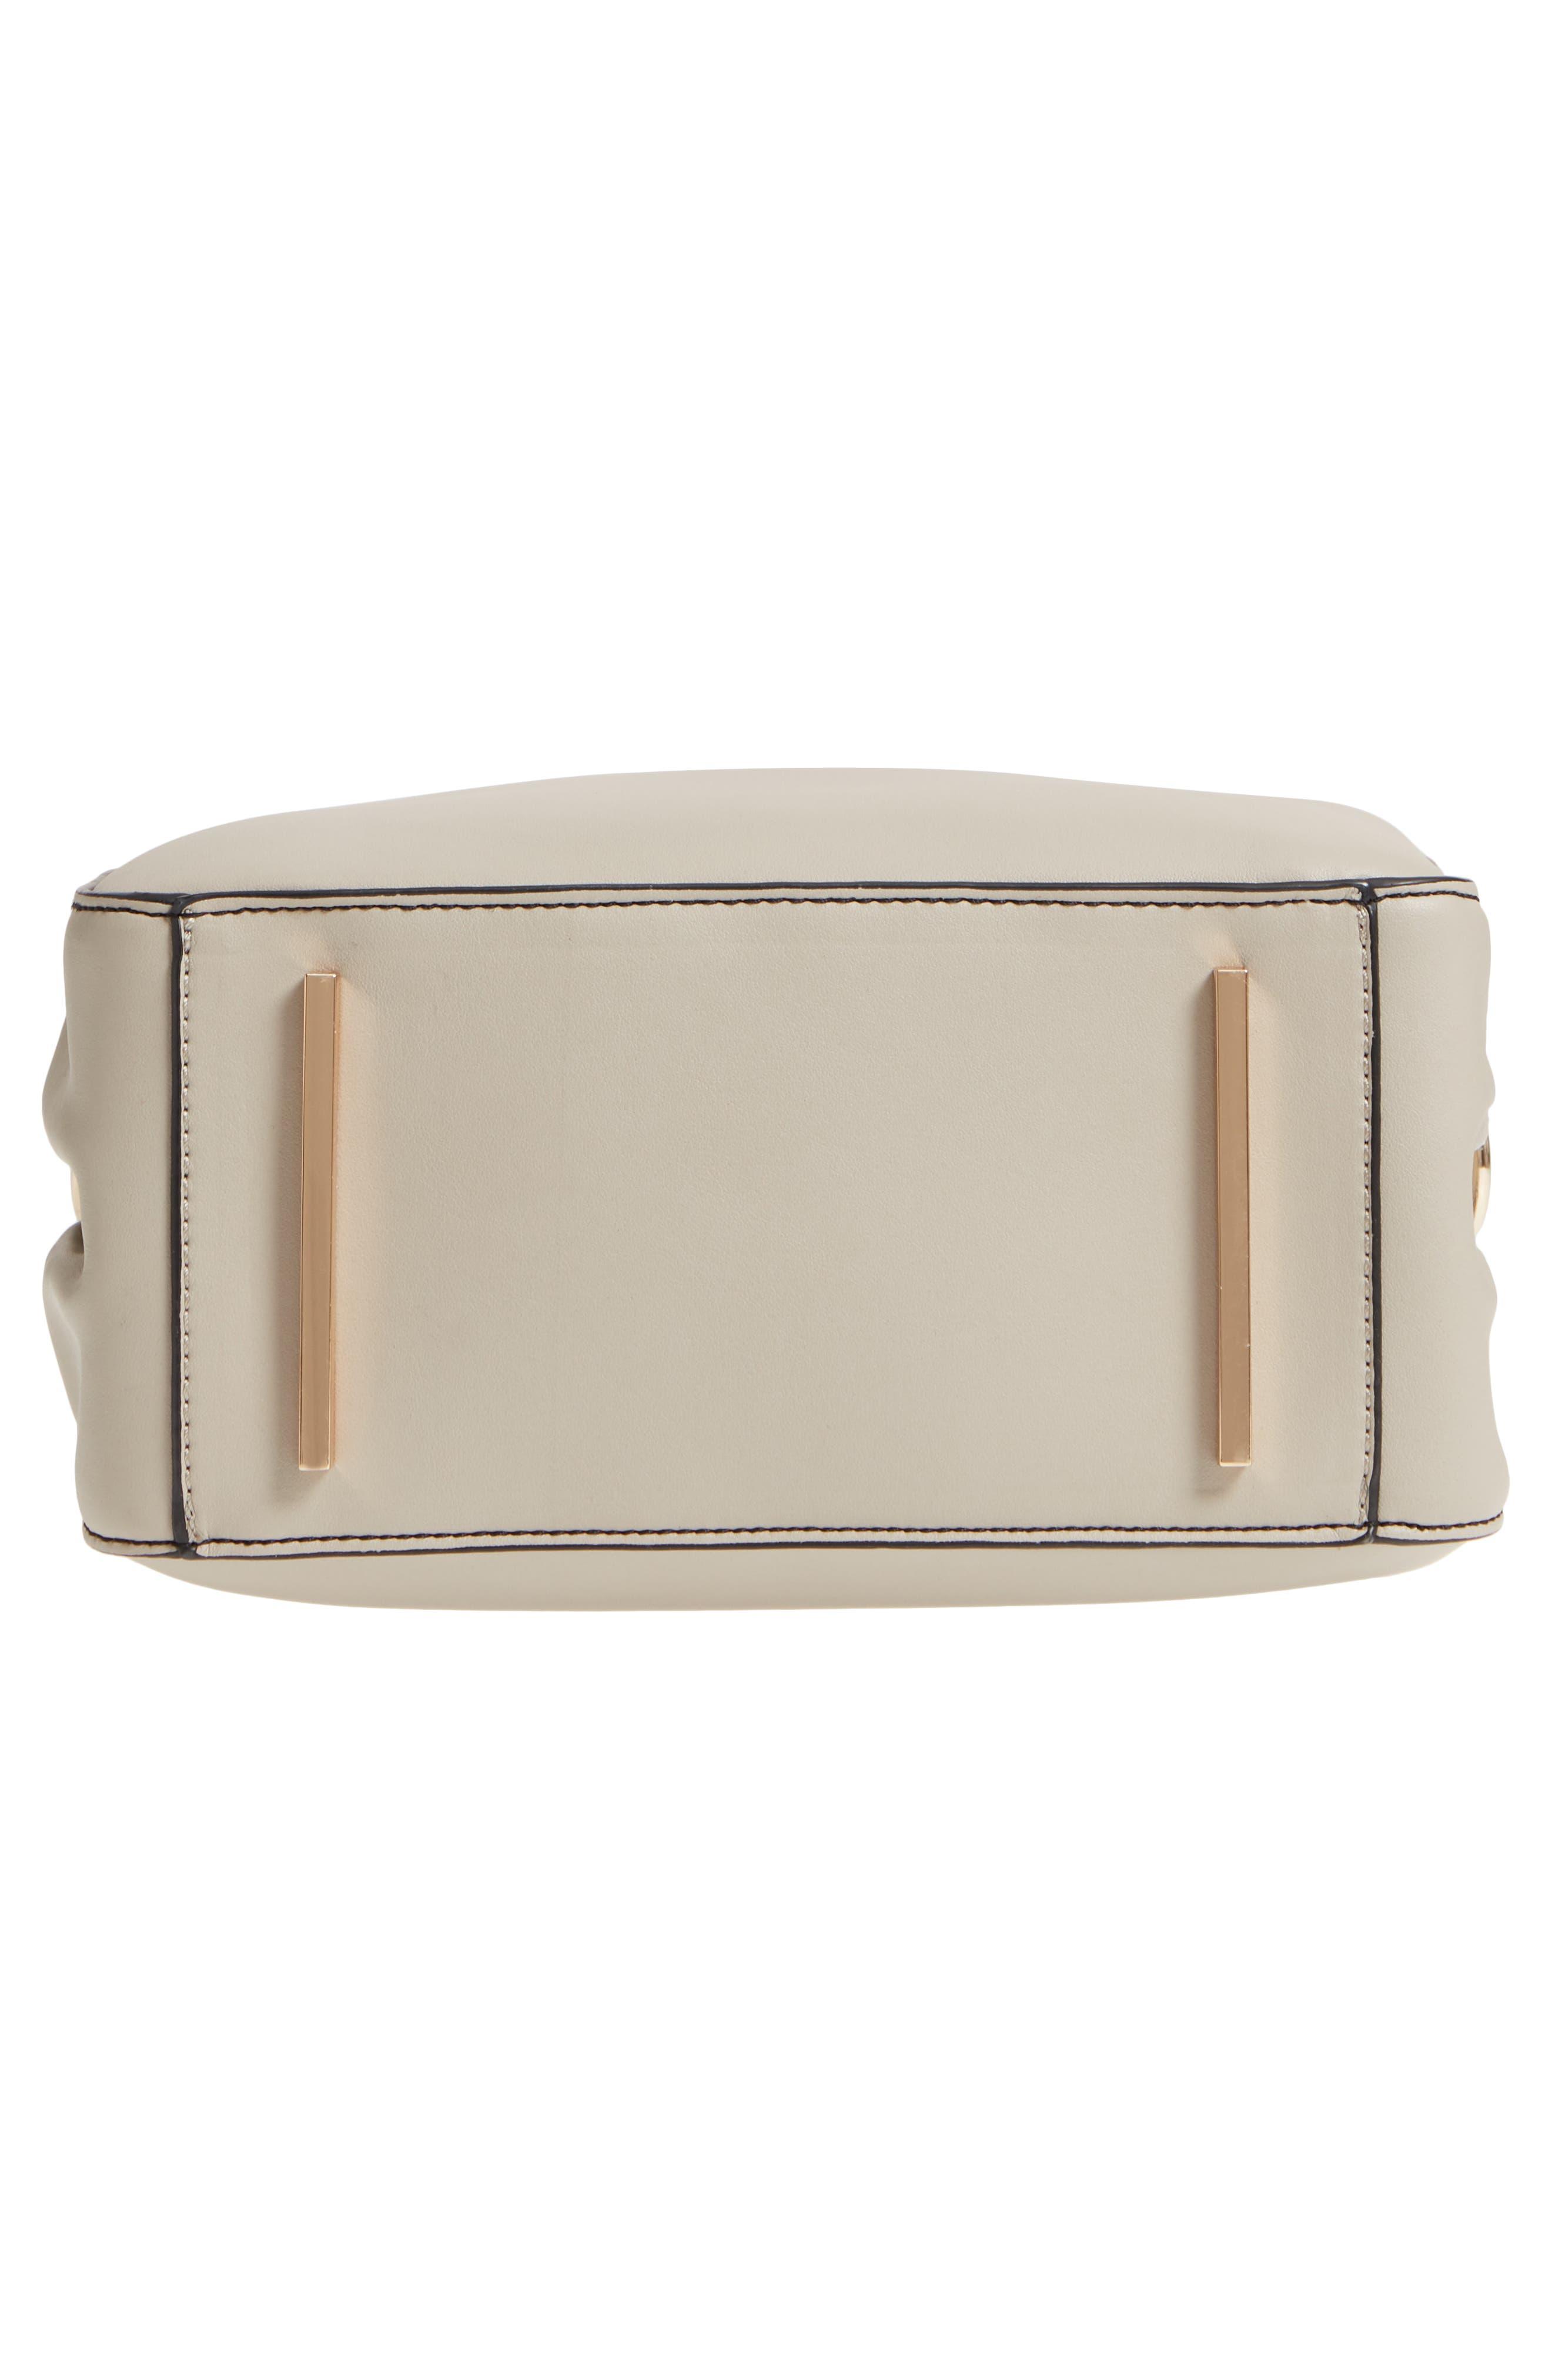 Céline Dion Motif Top Handle Leather Satchel,                             Alternate thumbnail 17, color,